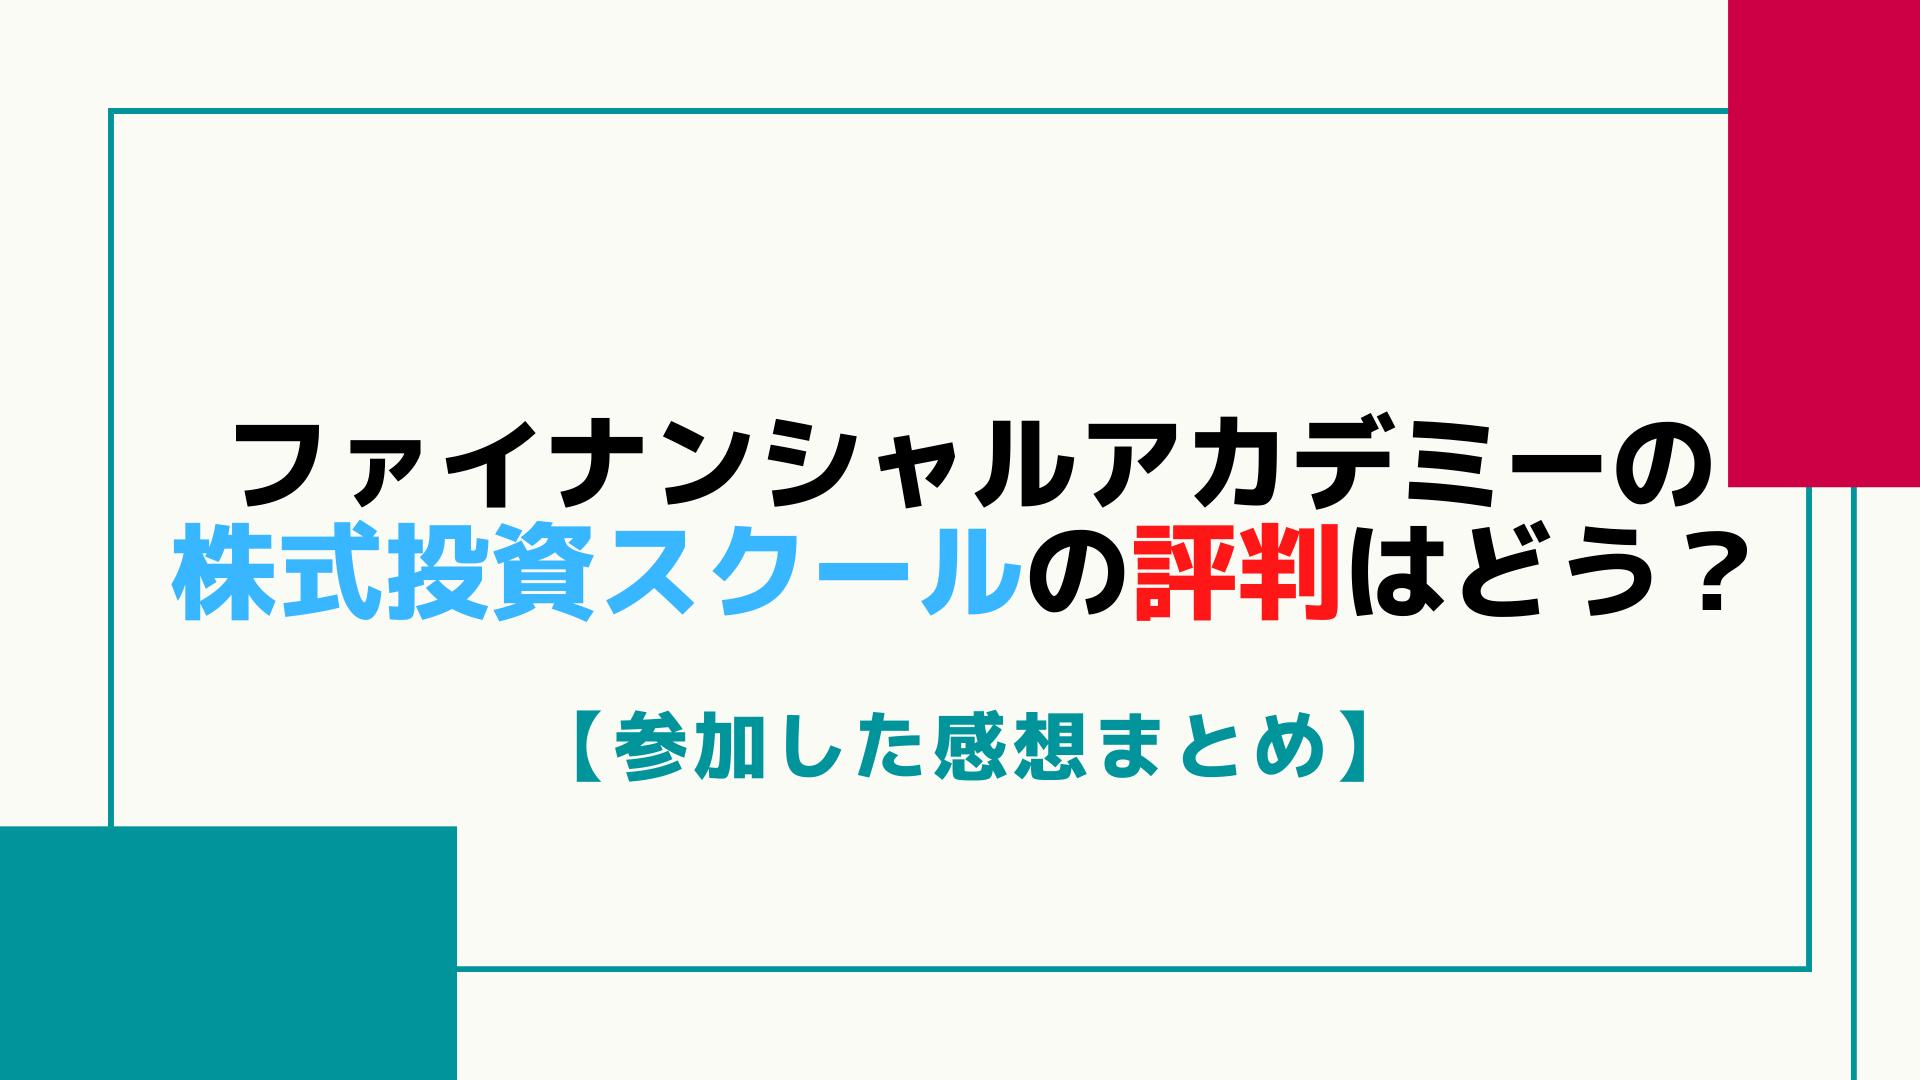 ファイナンシャルアカデミー株式投資スクールの評判は?【感想まとめ】